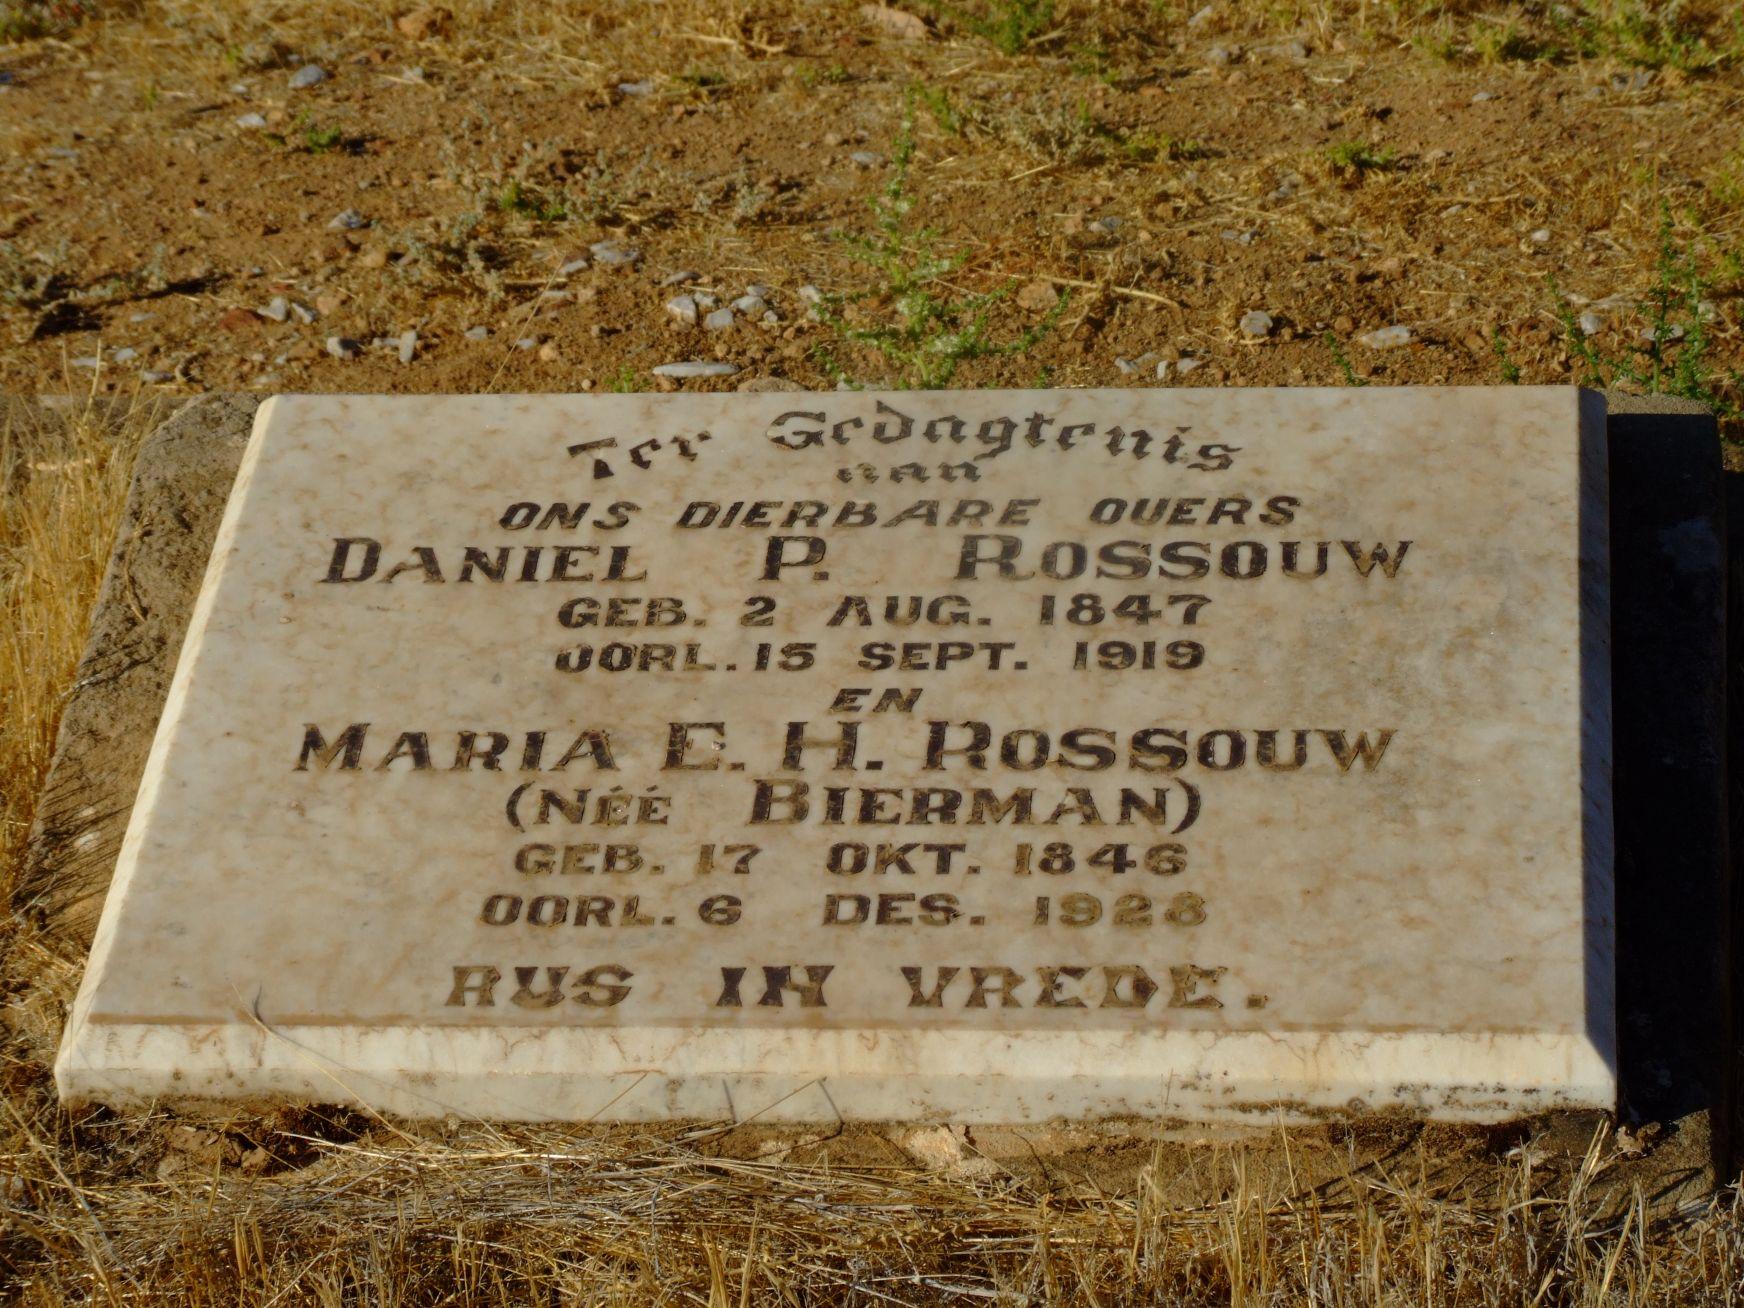 Rossouw, Daniel P. + Rossouw, Maria E. H.